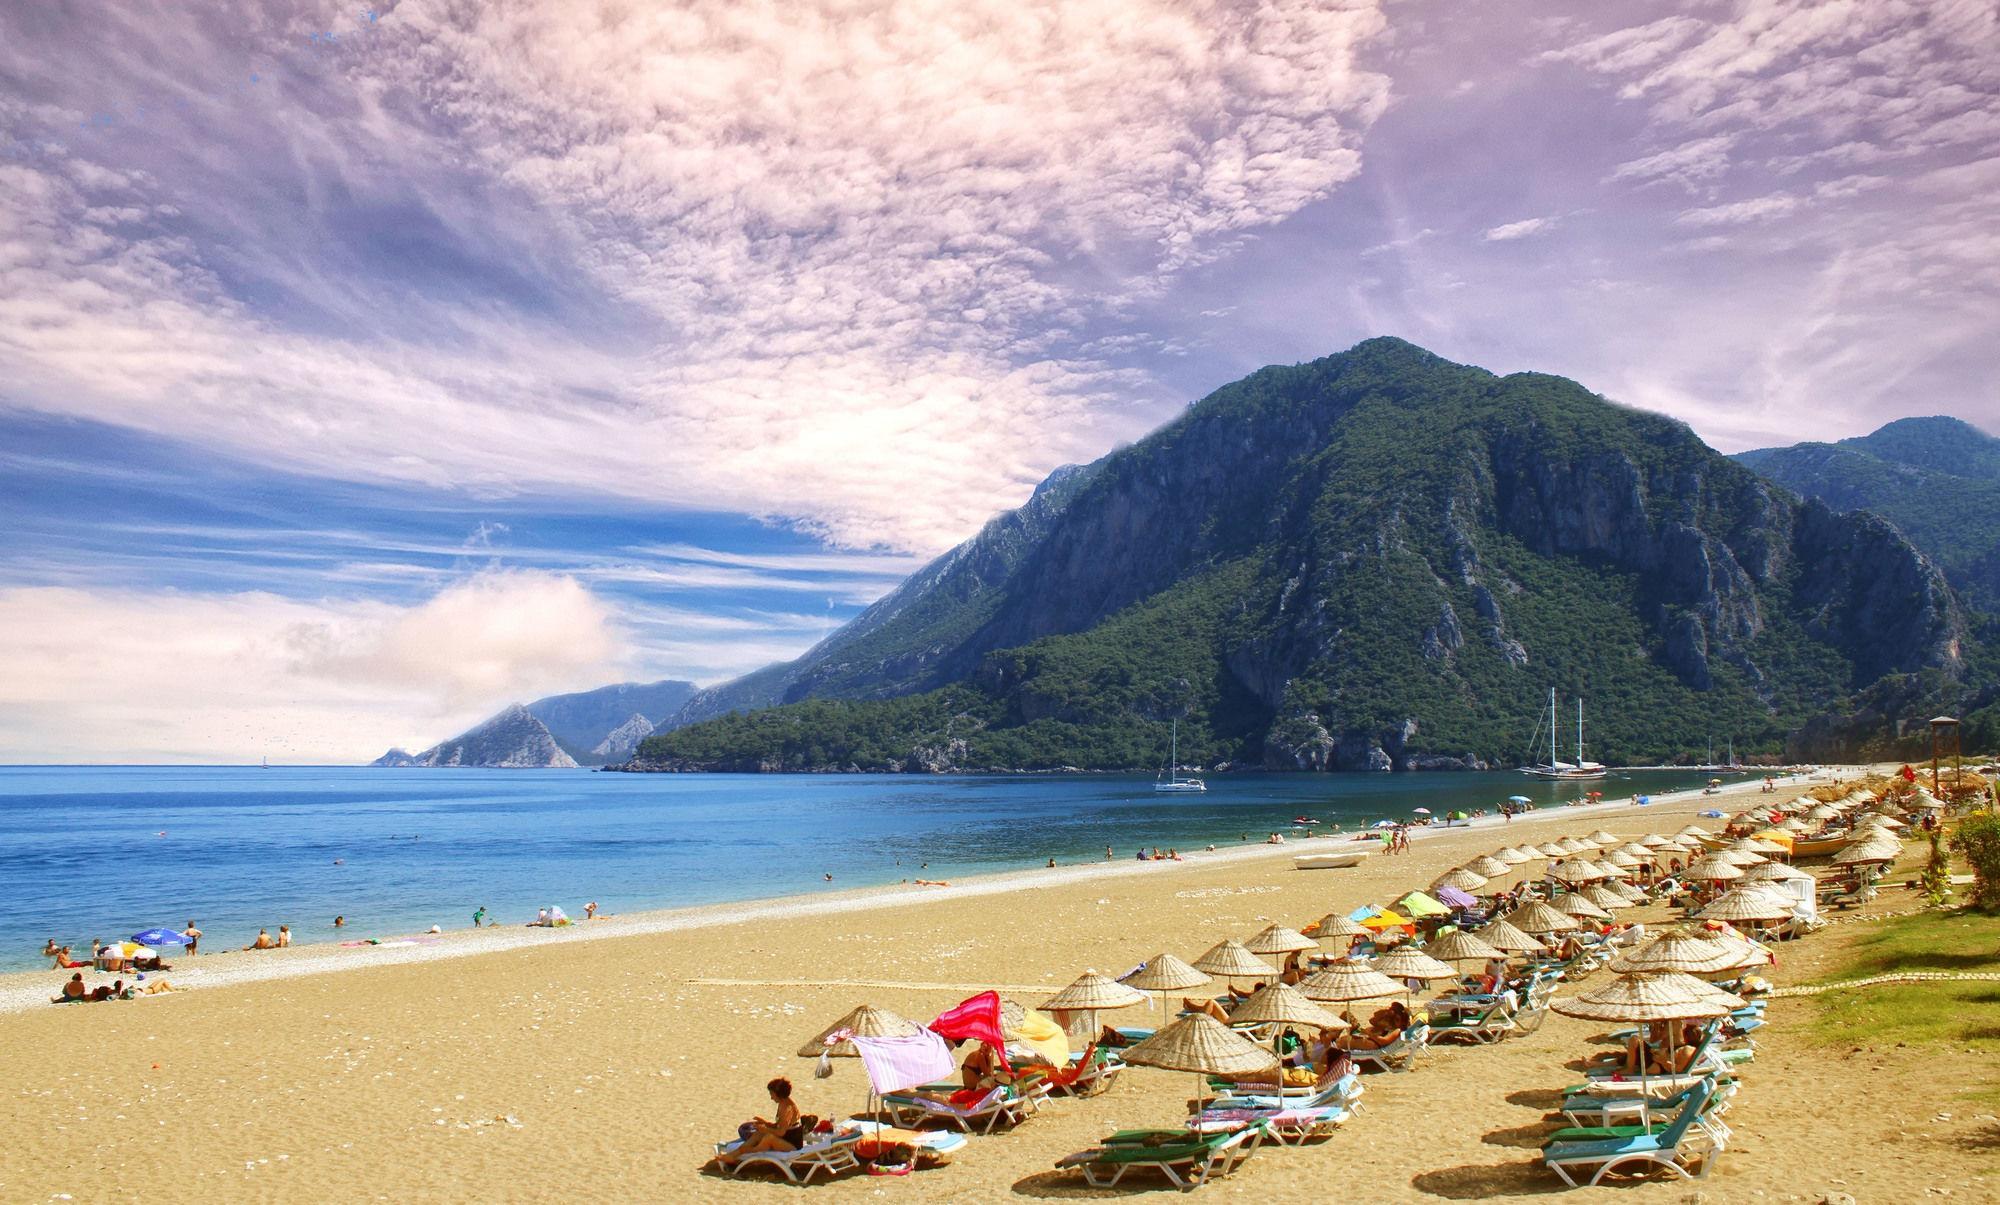 для кахвалти пляж чиралы турция фото очень приятно